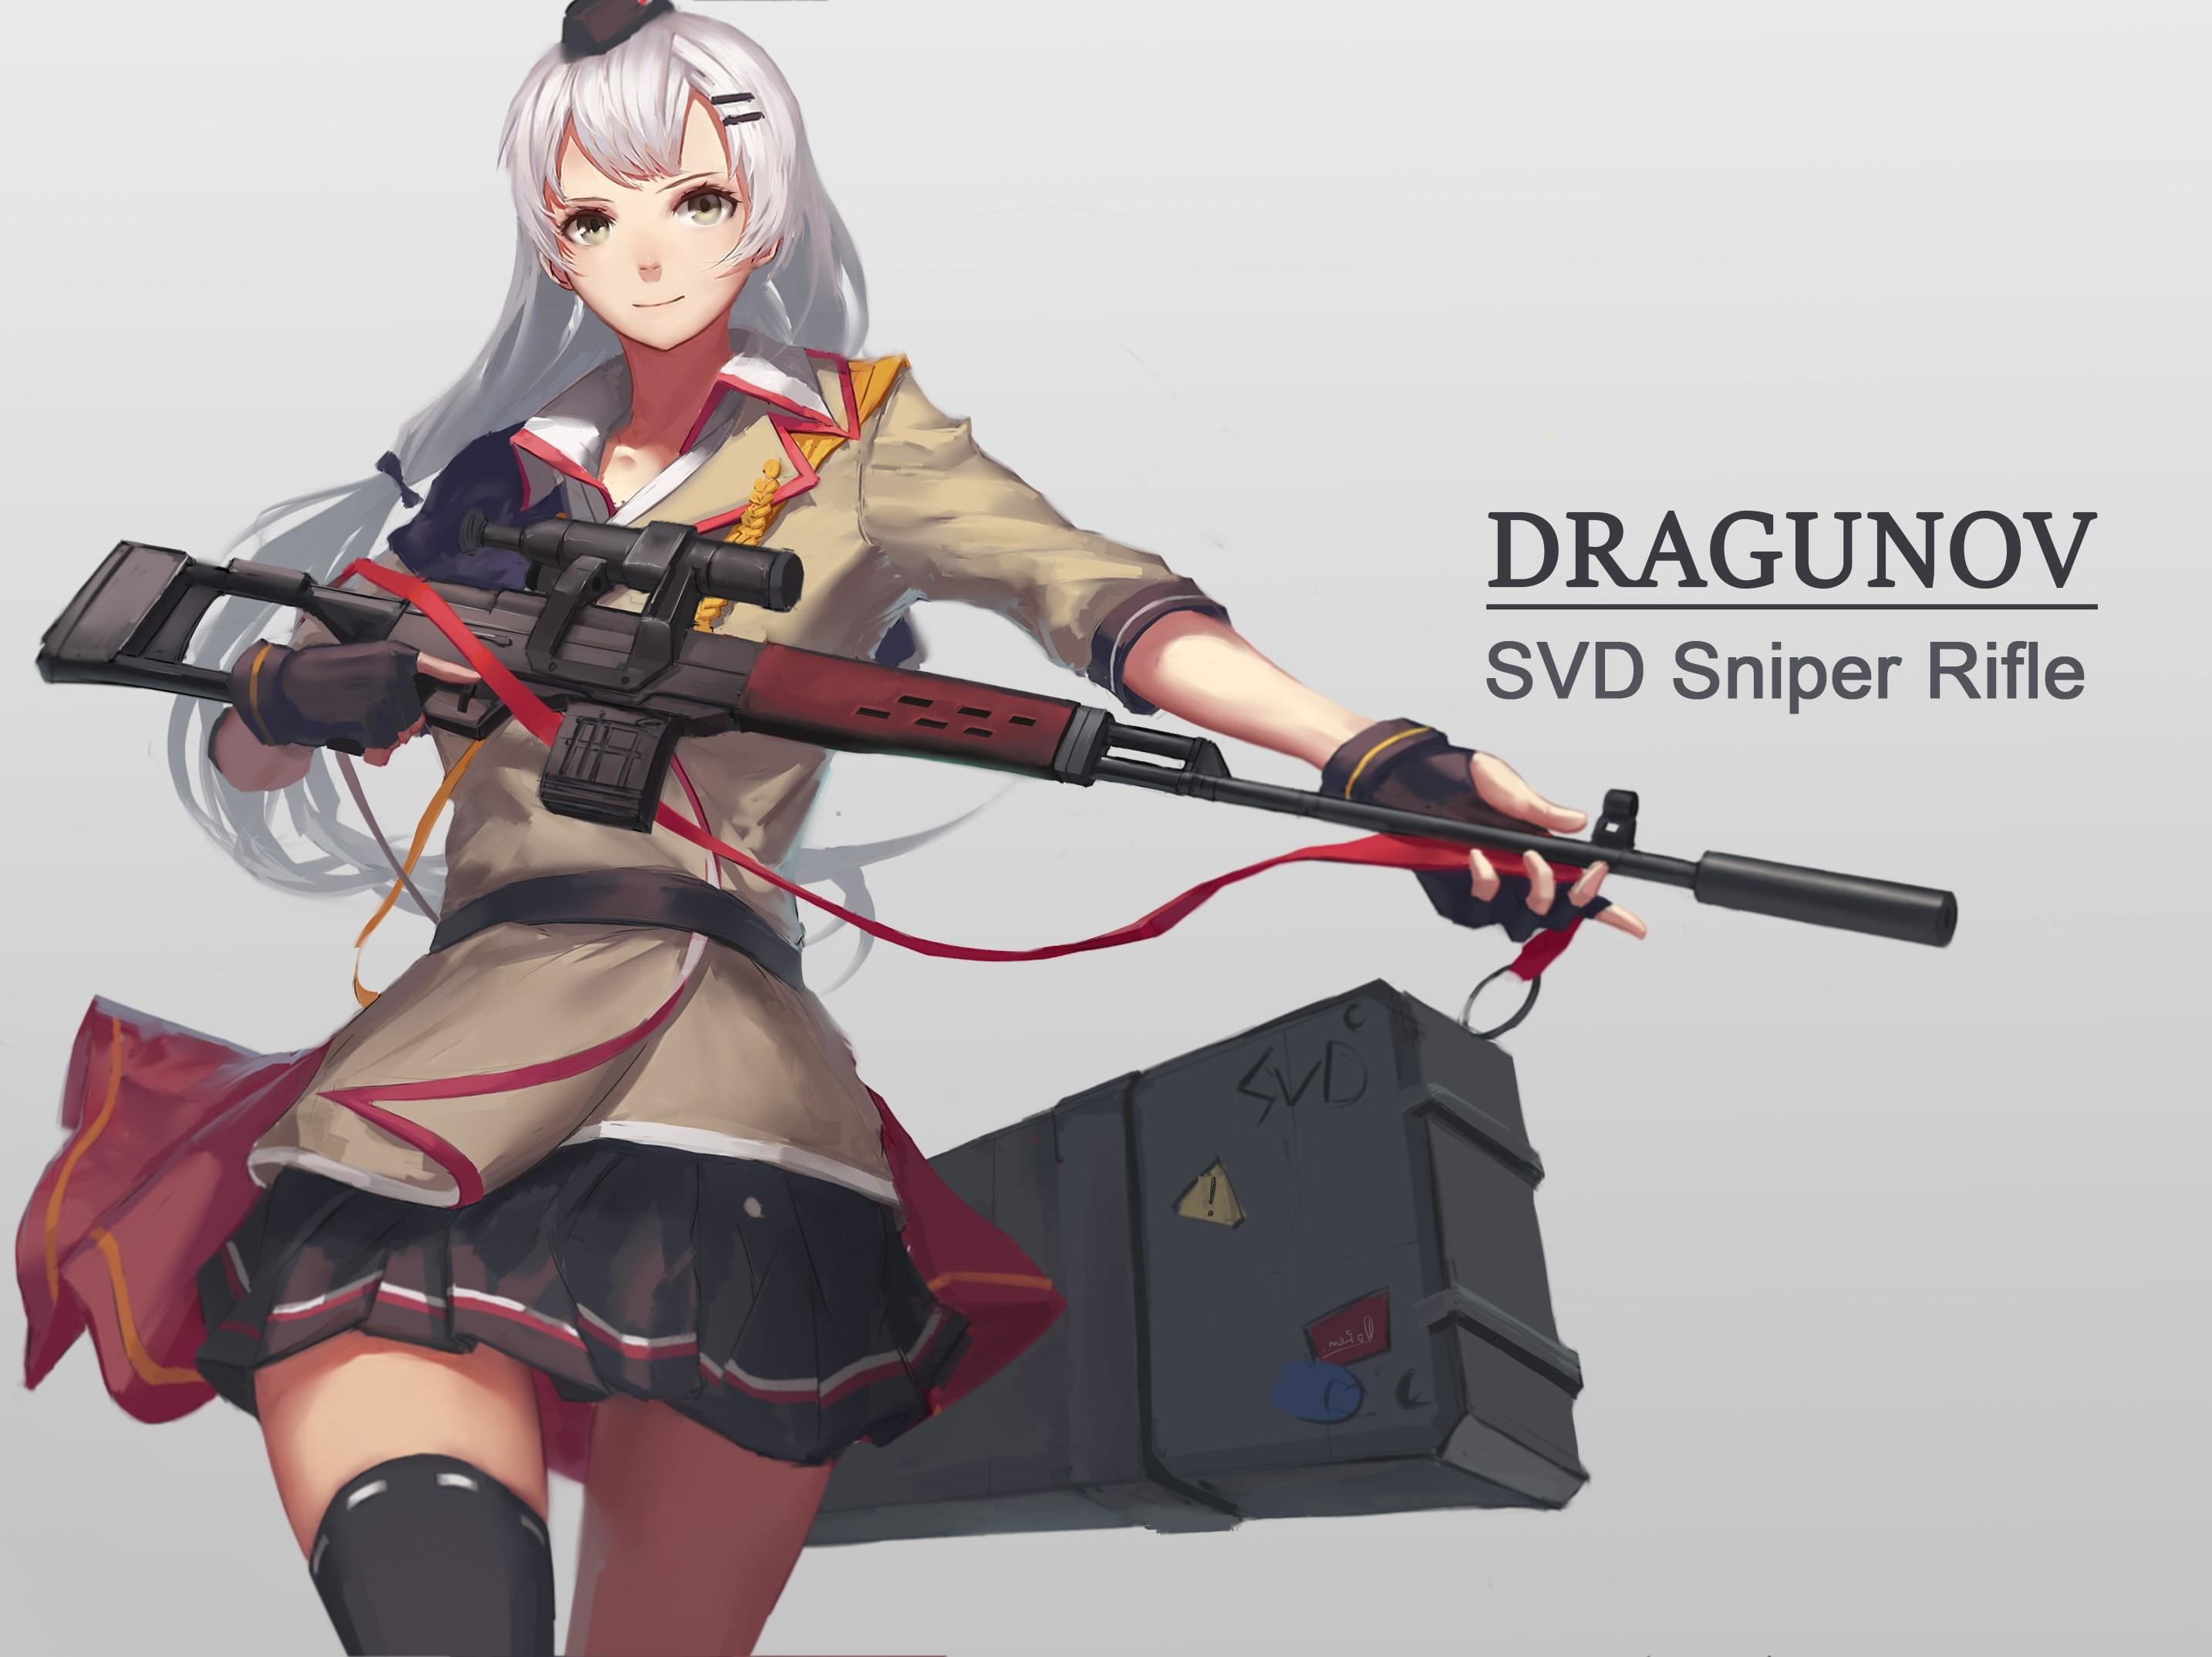 – girls frontline, svd, sniper rifle, white hair, anime style  games